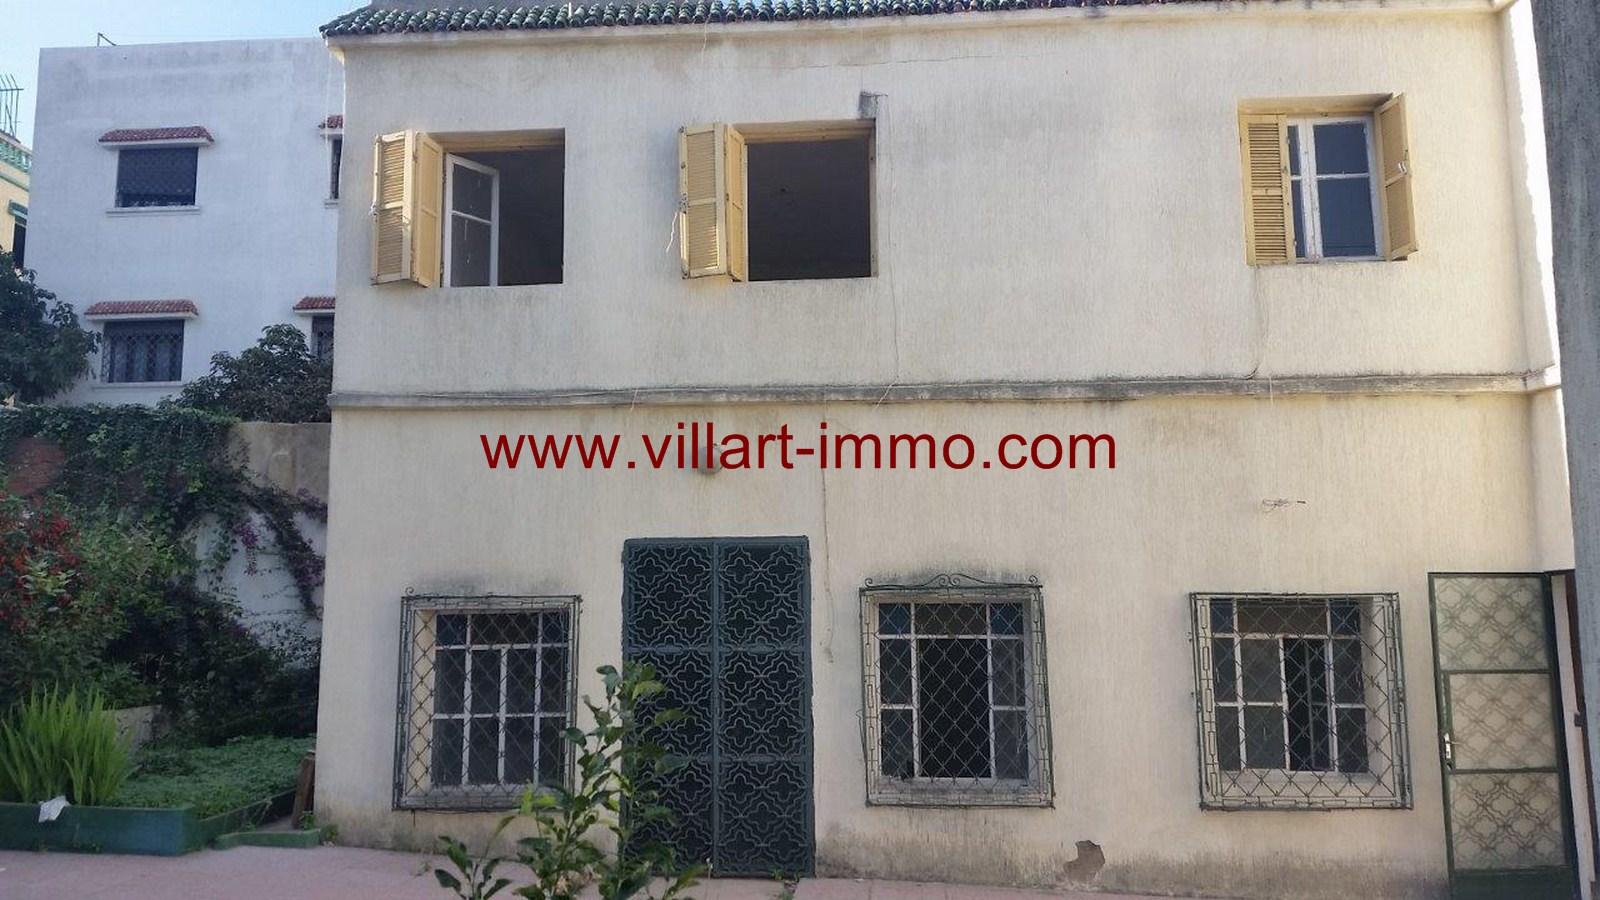 15-vente-maison-tanger-marchan-facade-2-vm381-villart-immo